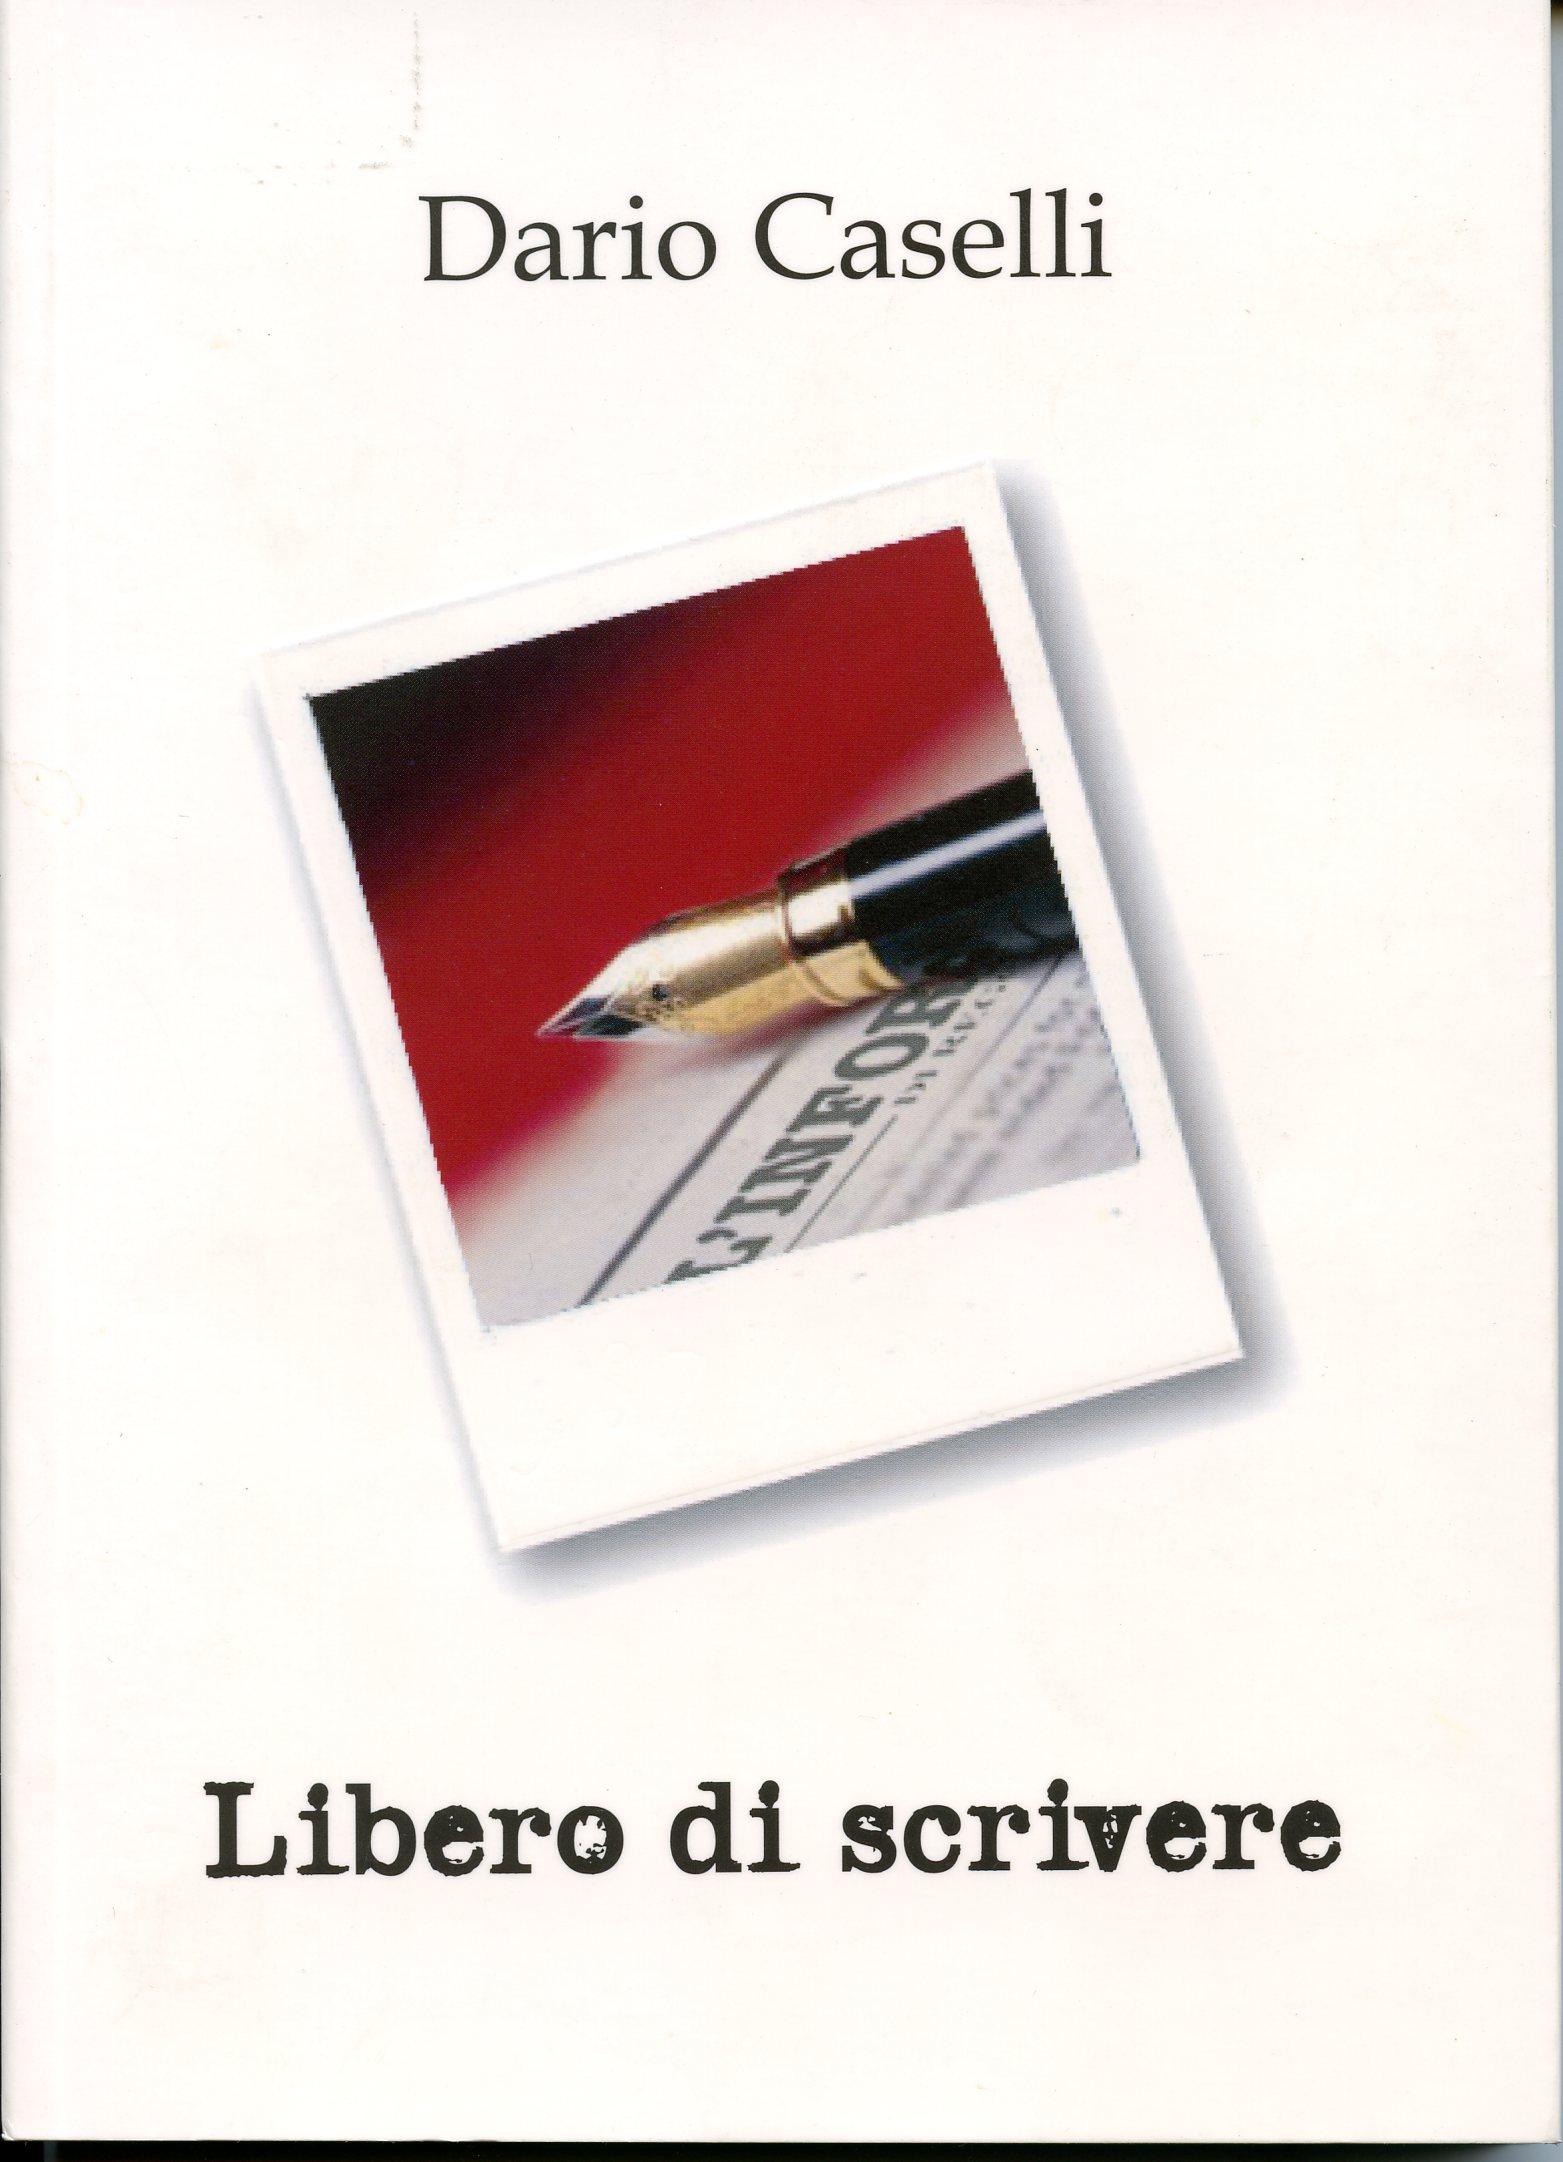 Libero di scrivere